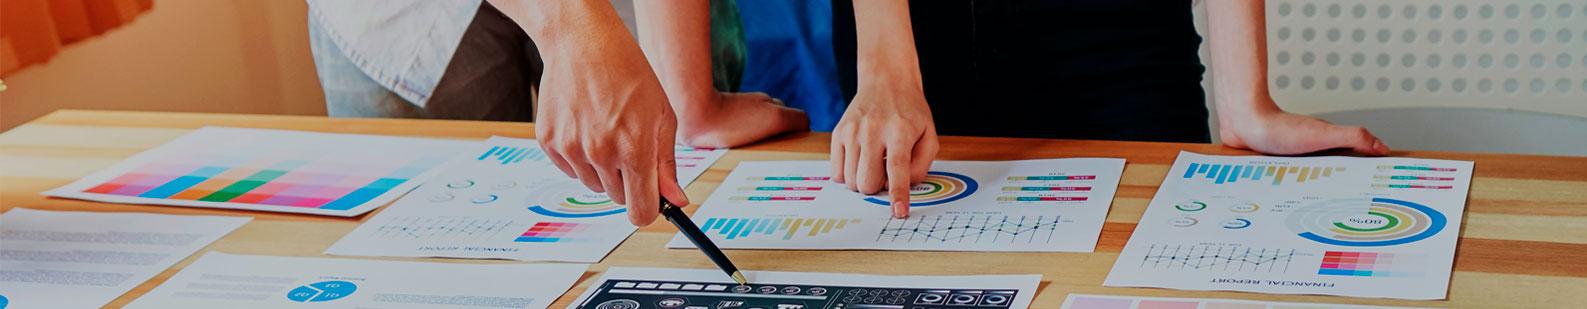 http://serpro.gov.br/menu/quem-somos/marca-serpro/variacoes-e-tipos-de-assinatura